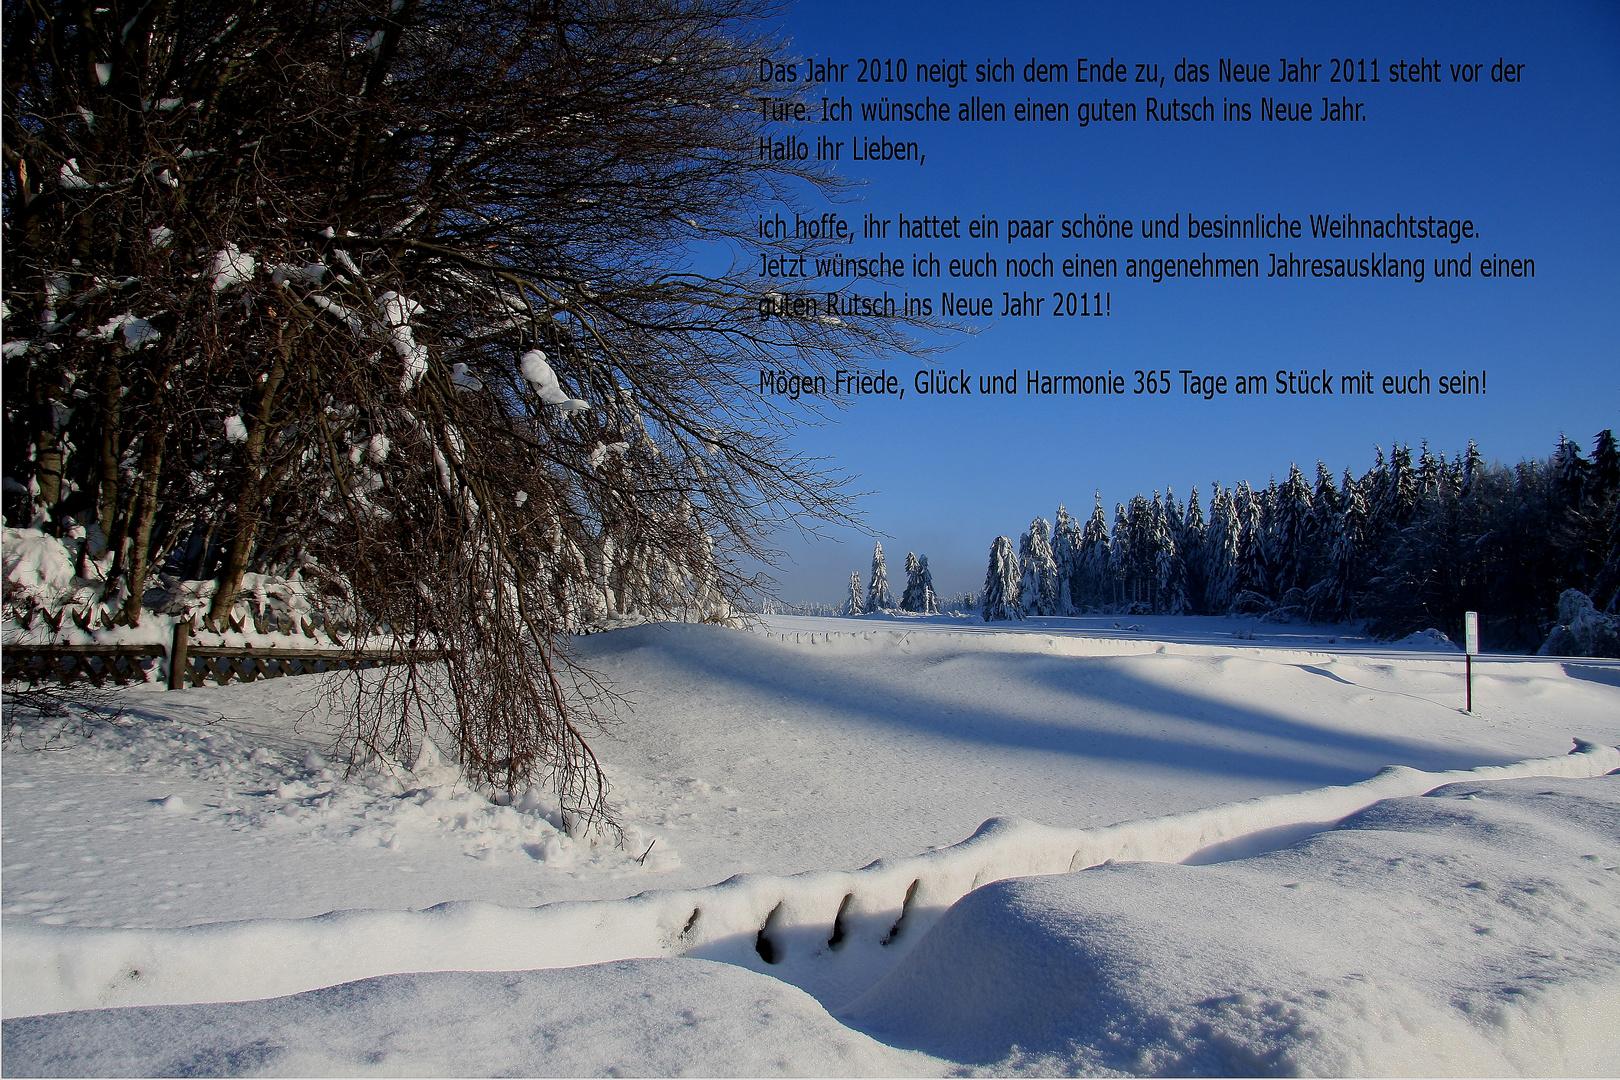 Guter Rutsch ins Neue Jahr 2011!